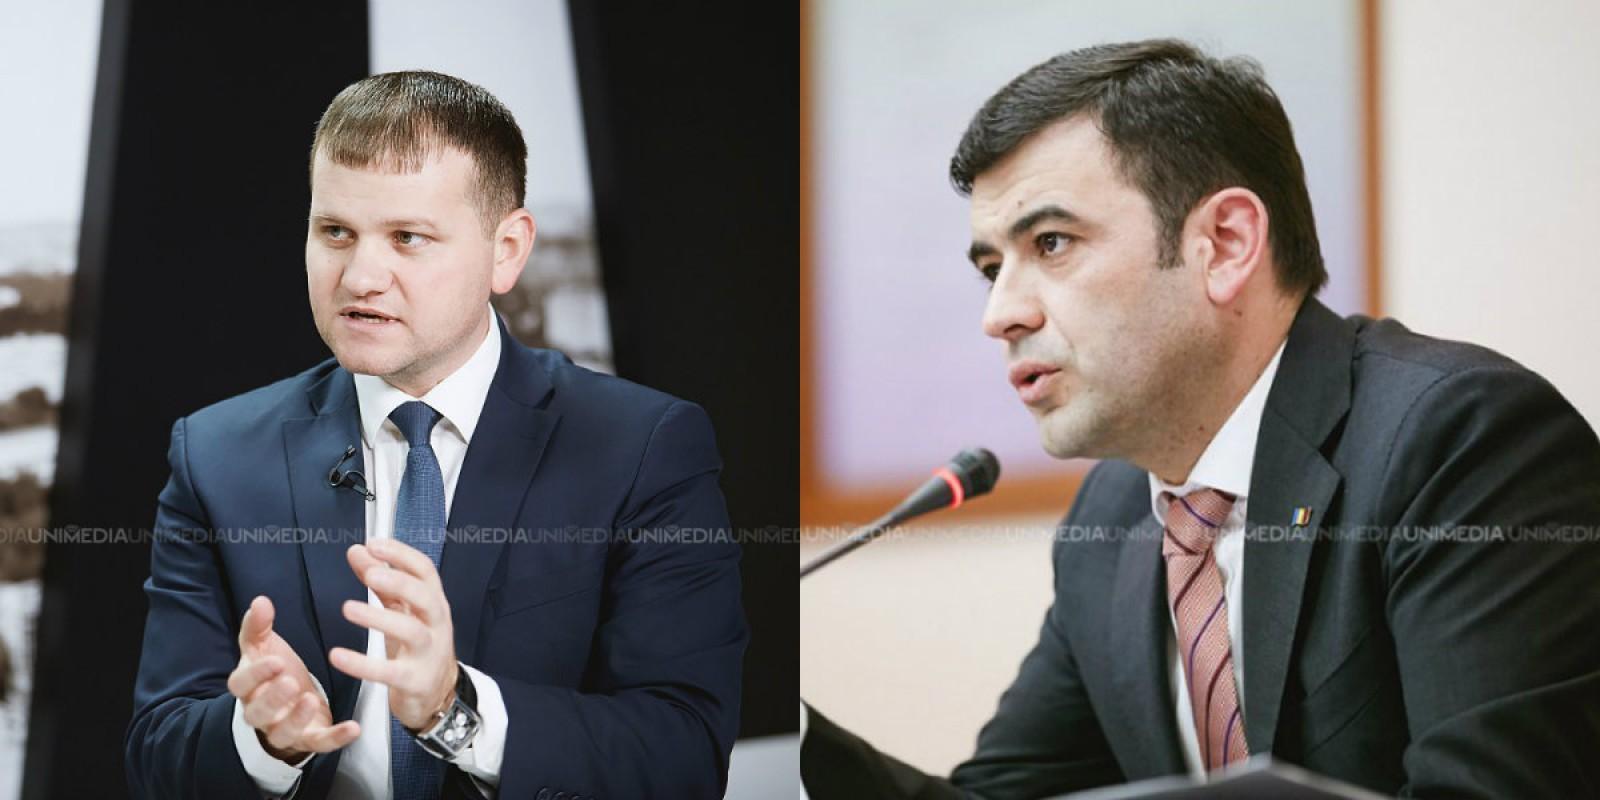 Scandalul cu diploma lui Gaburici, revine în atenție; Munteanu solicită informații privind autenticitatea actului de studiu al ex-premierului